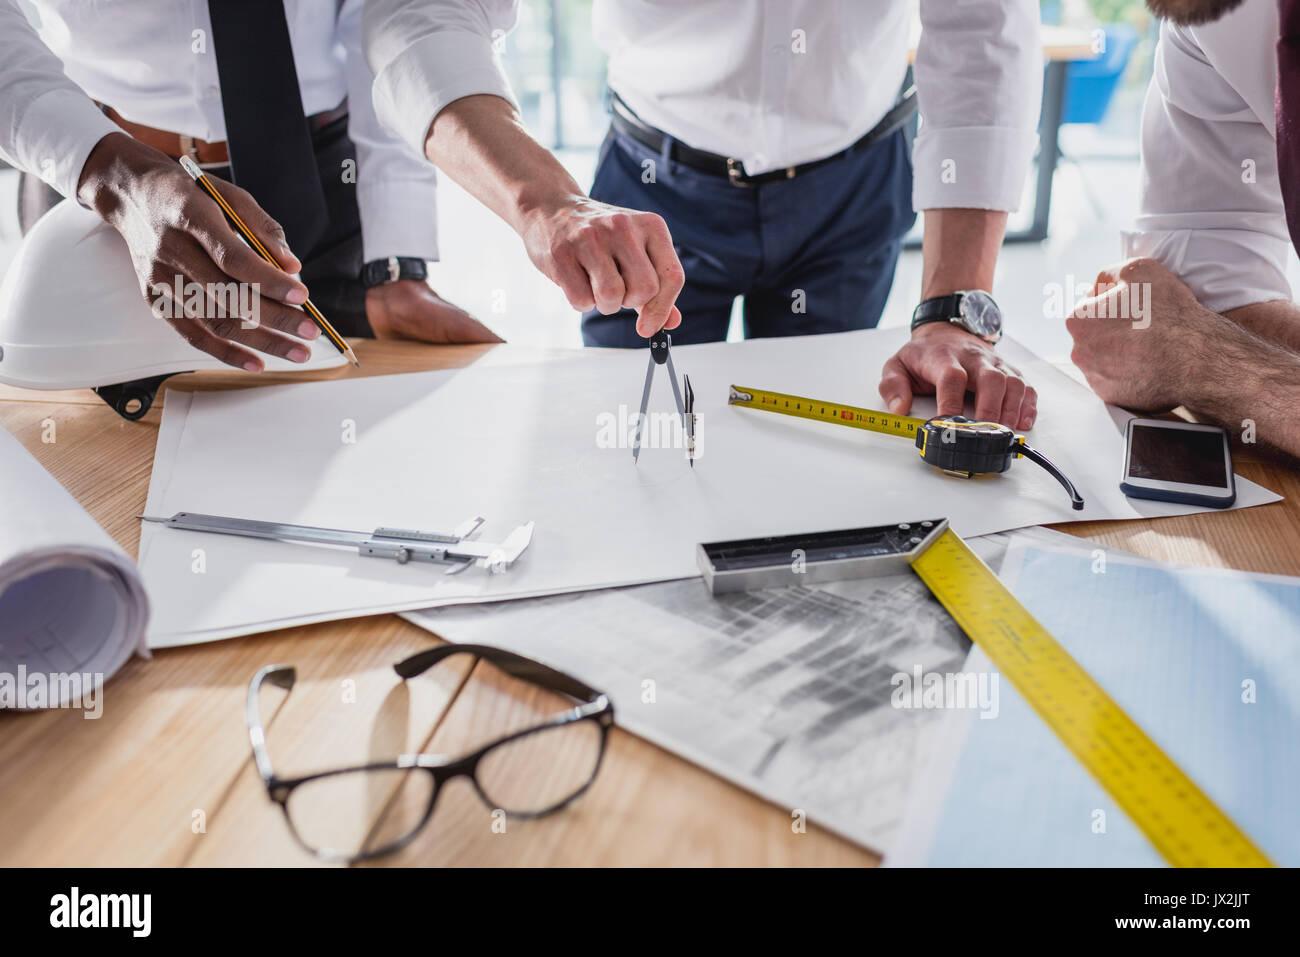 Teilweise mit Blick auf die Teams von Architekten auf Plan zusammen arbeiten in modernen Büro Stockbild